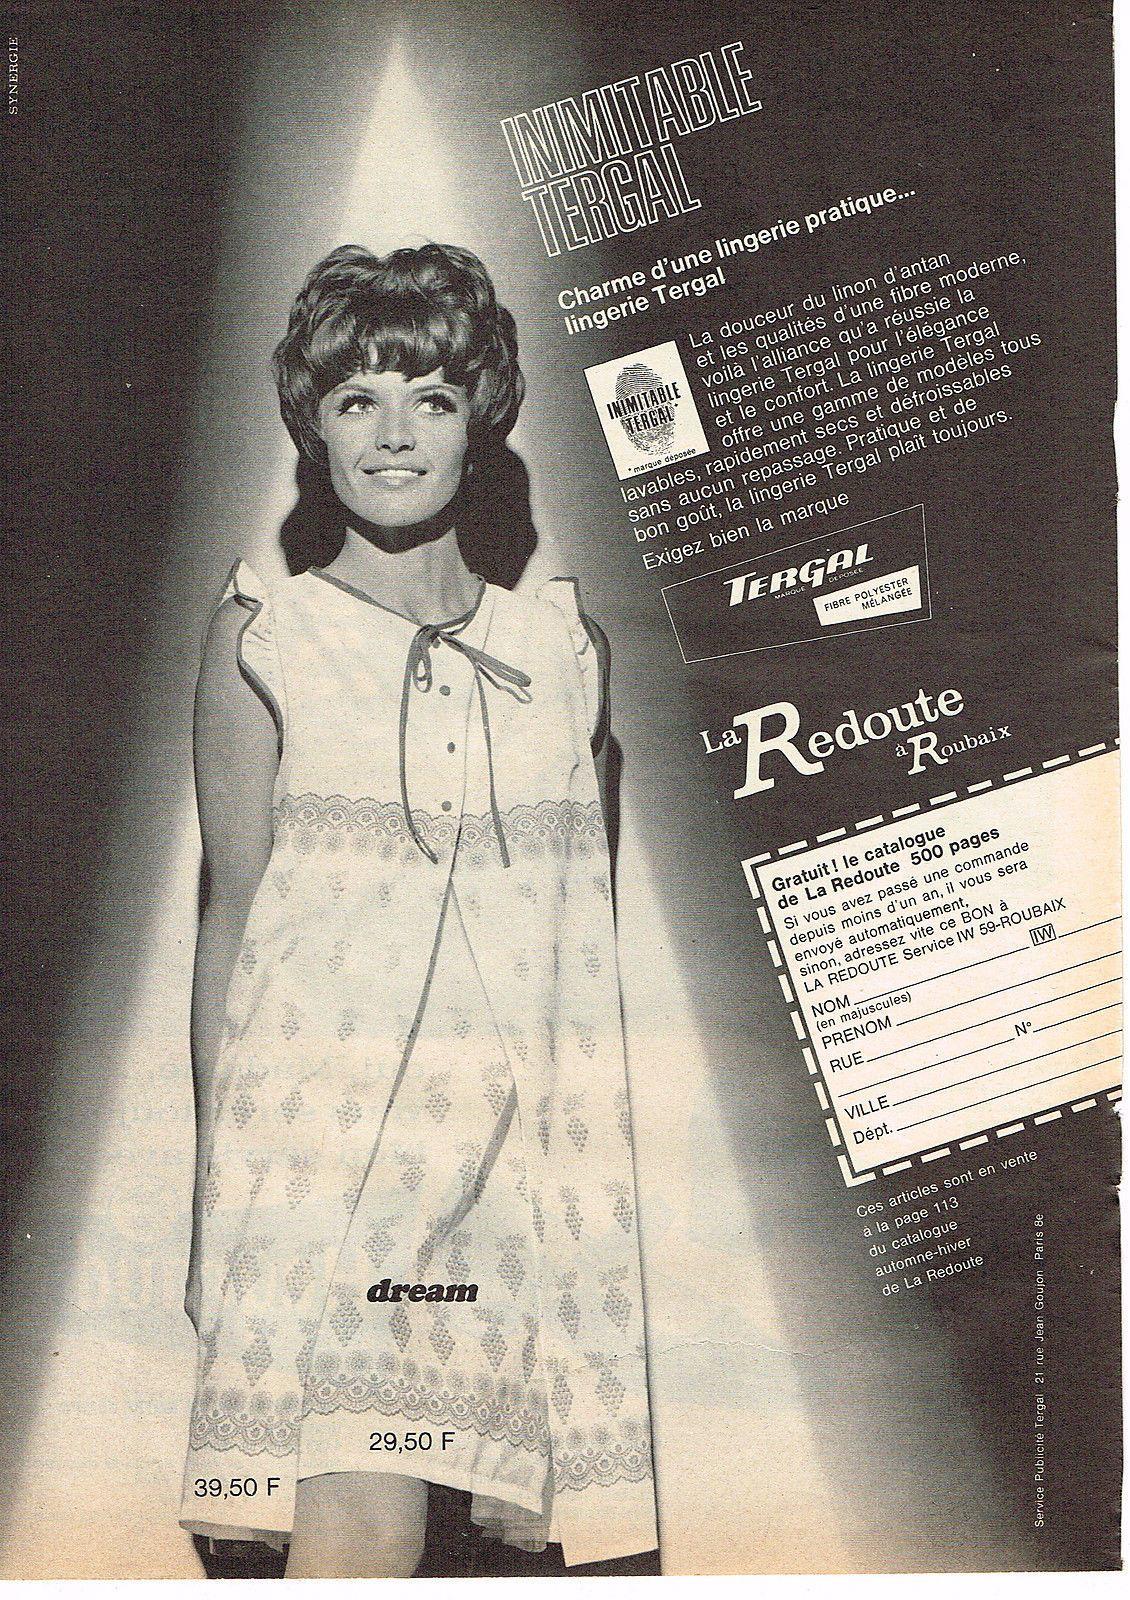 publicite advertising 054 1966 la redoute lingerine de nuit dream